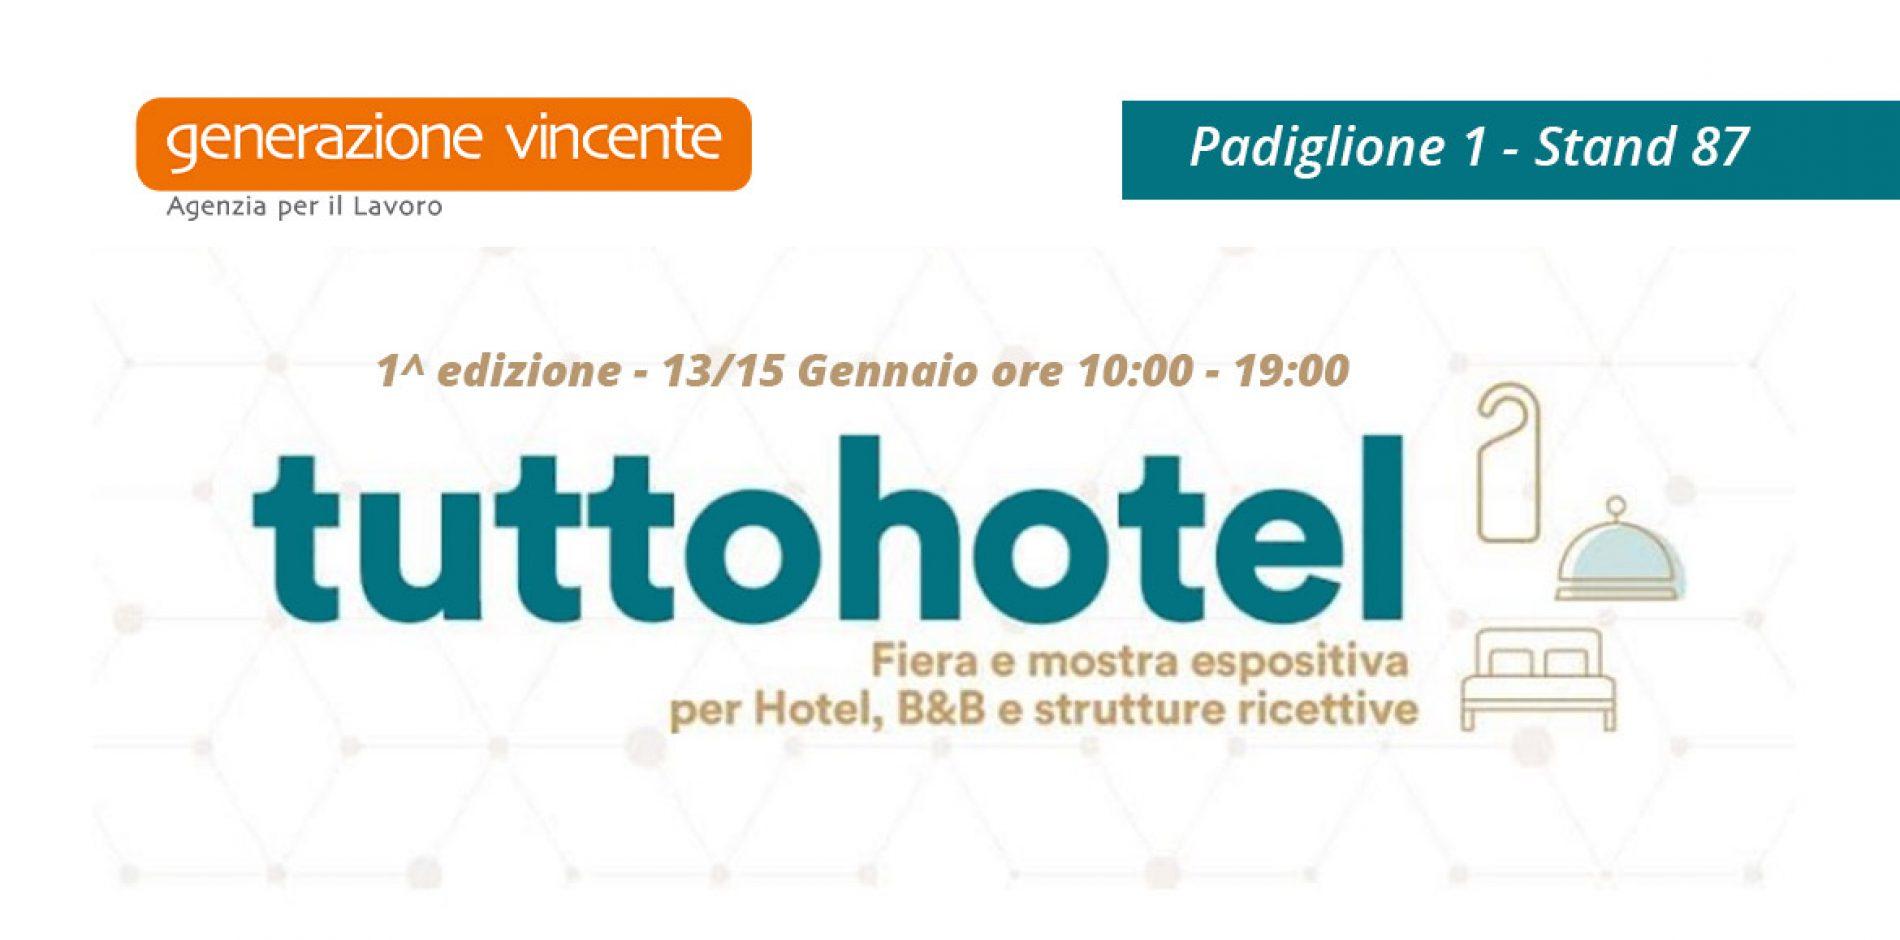 Tuttohotel 2020 – Generazione Vincente partecipa alla fiera dedicata agli operatori della ricezione turistica